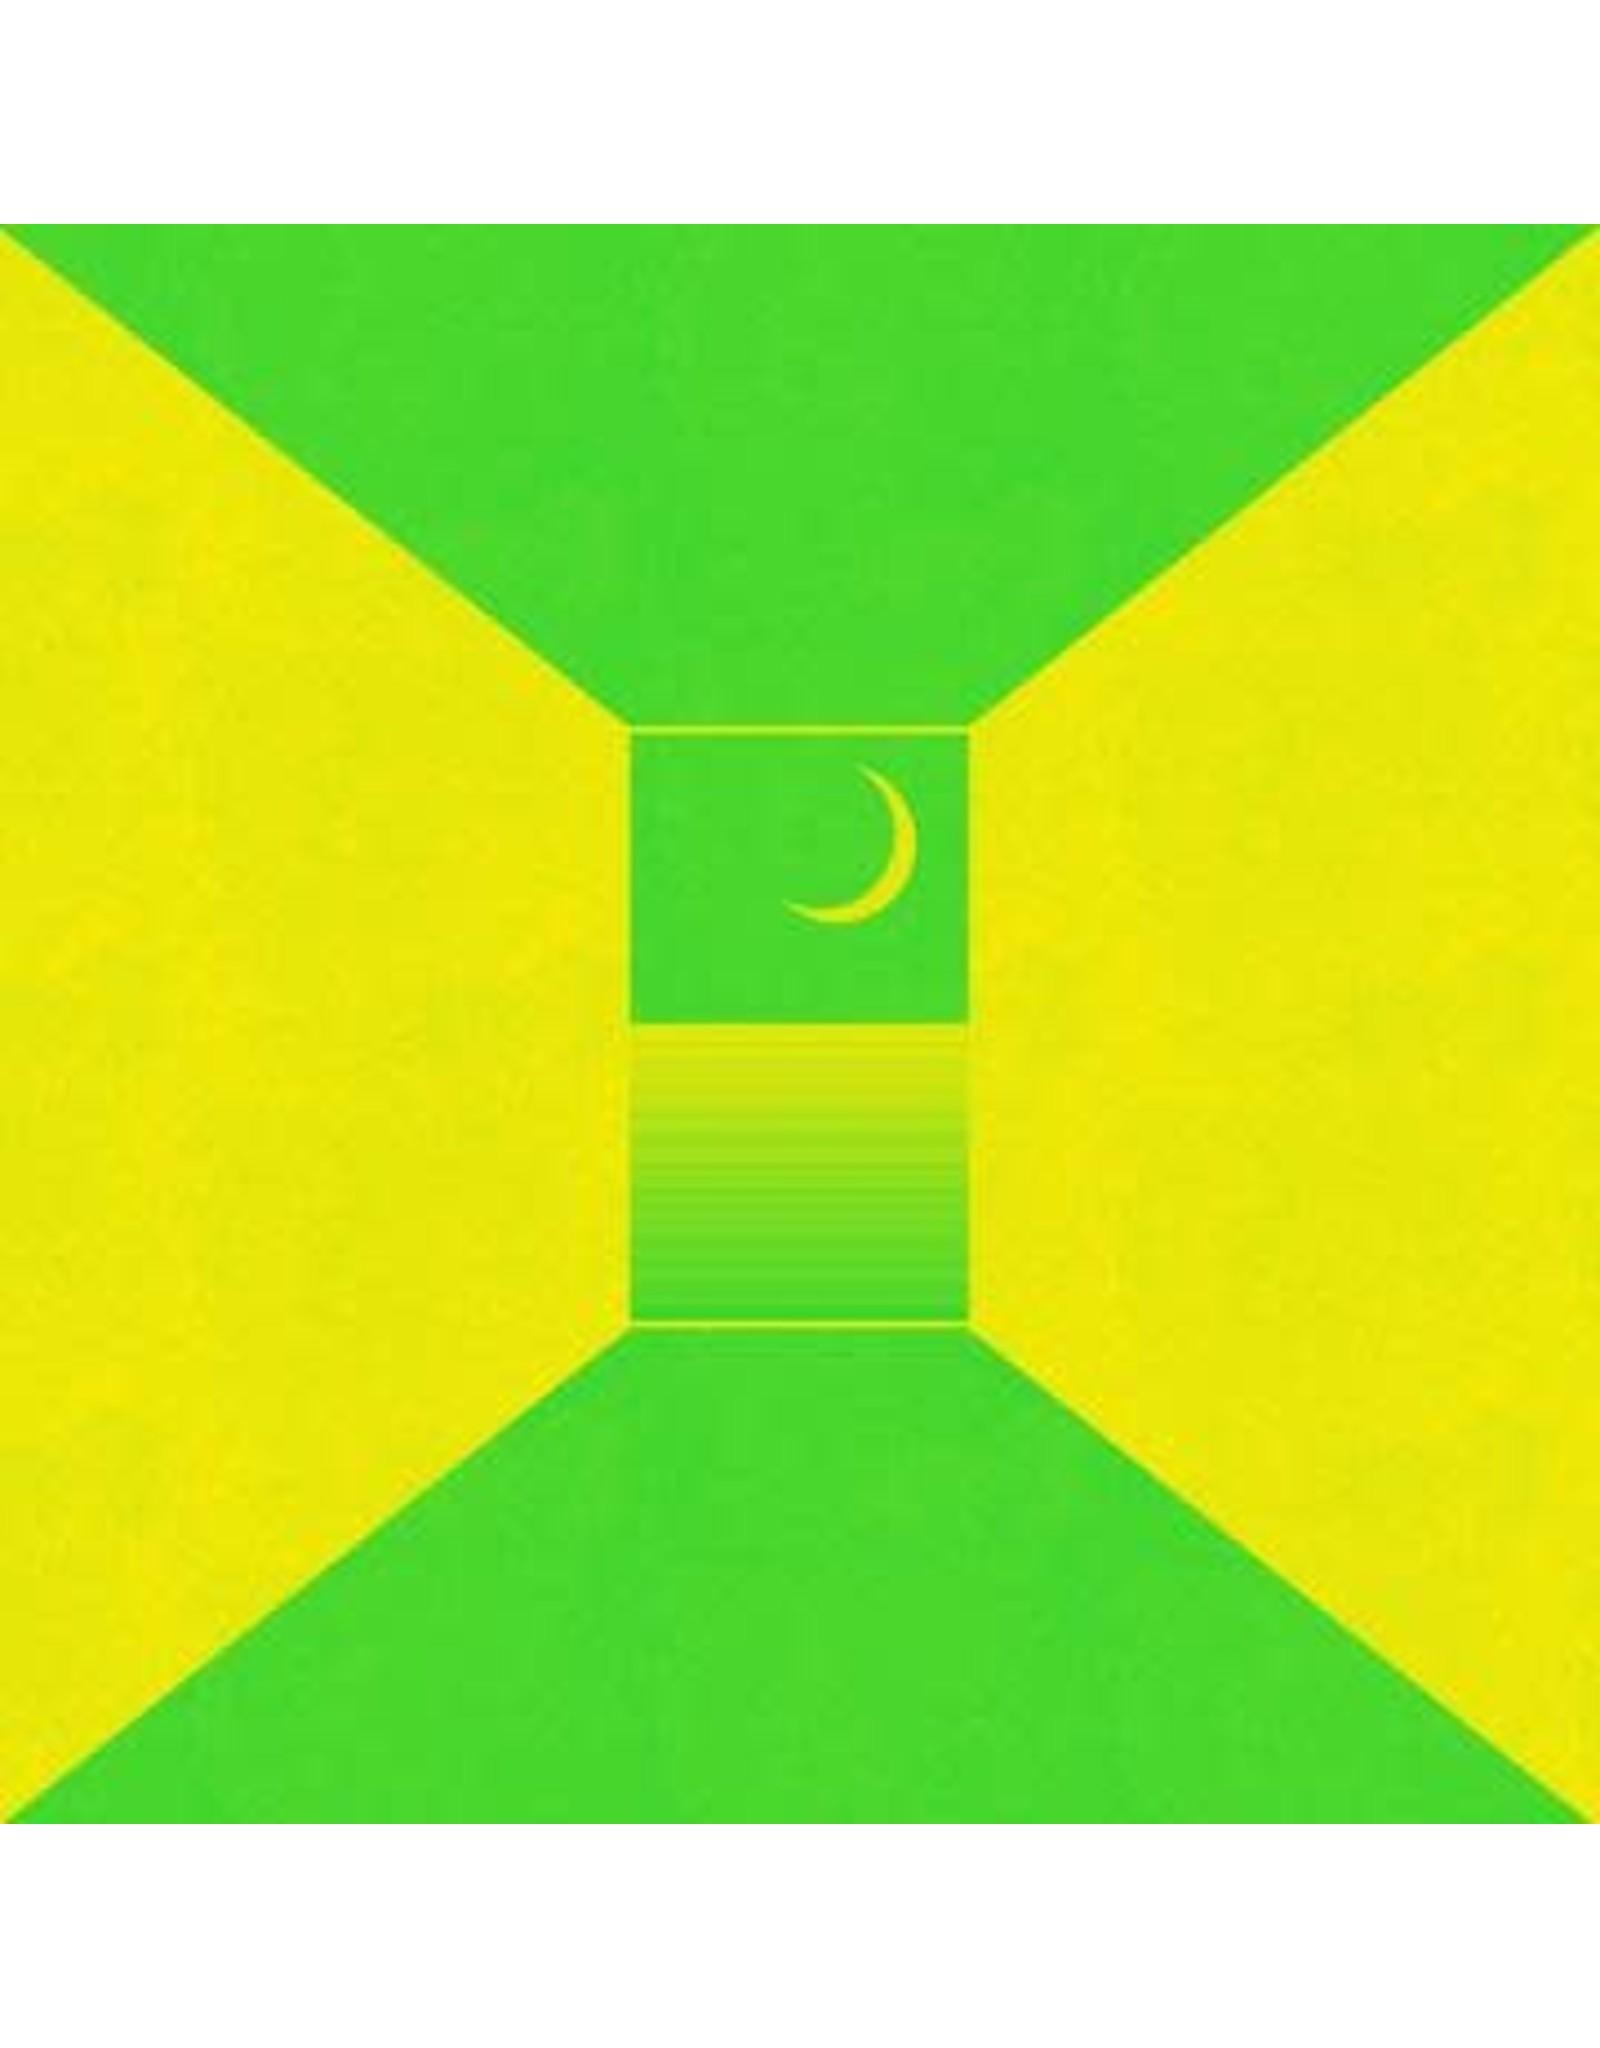 Ceremony - In The Spirit (Rmx) EP LP